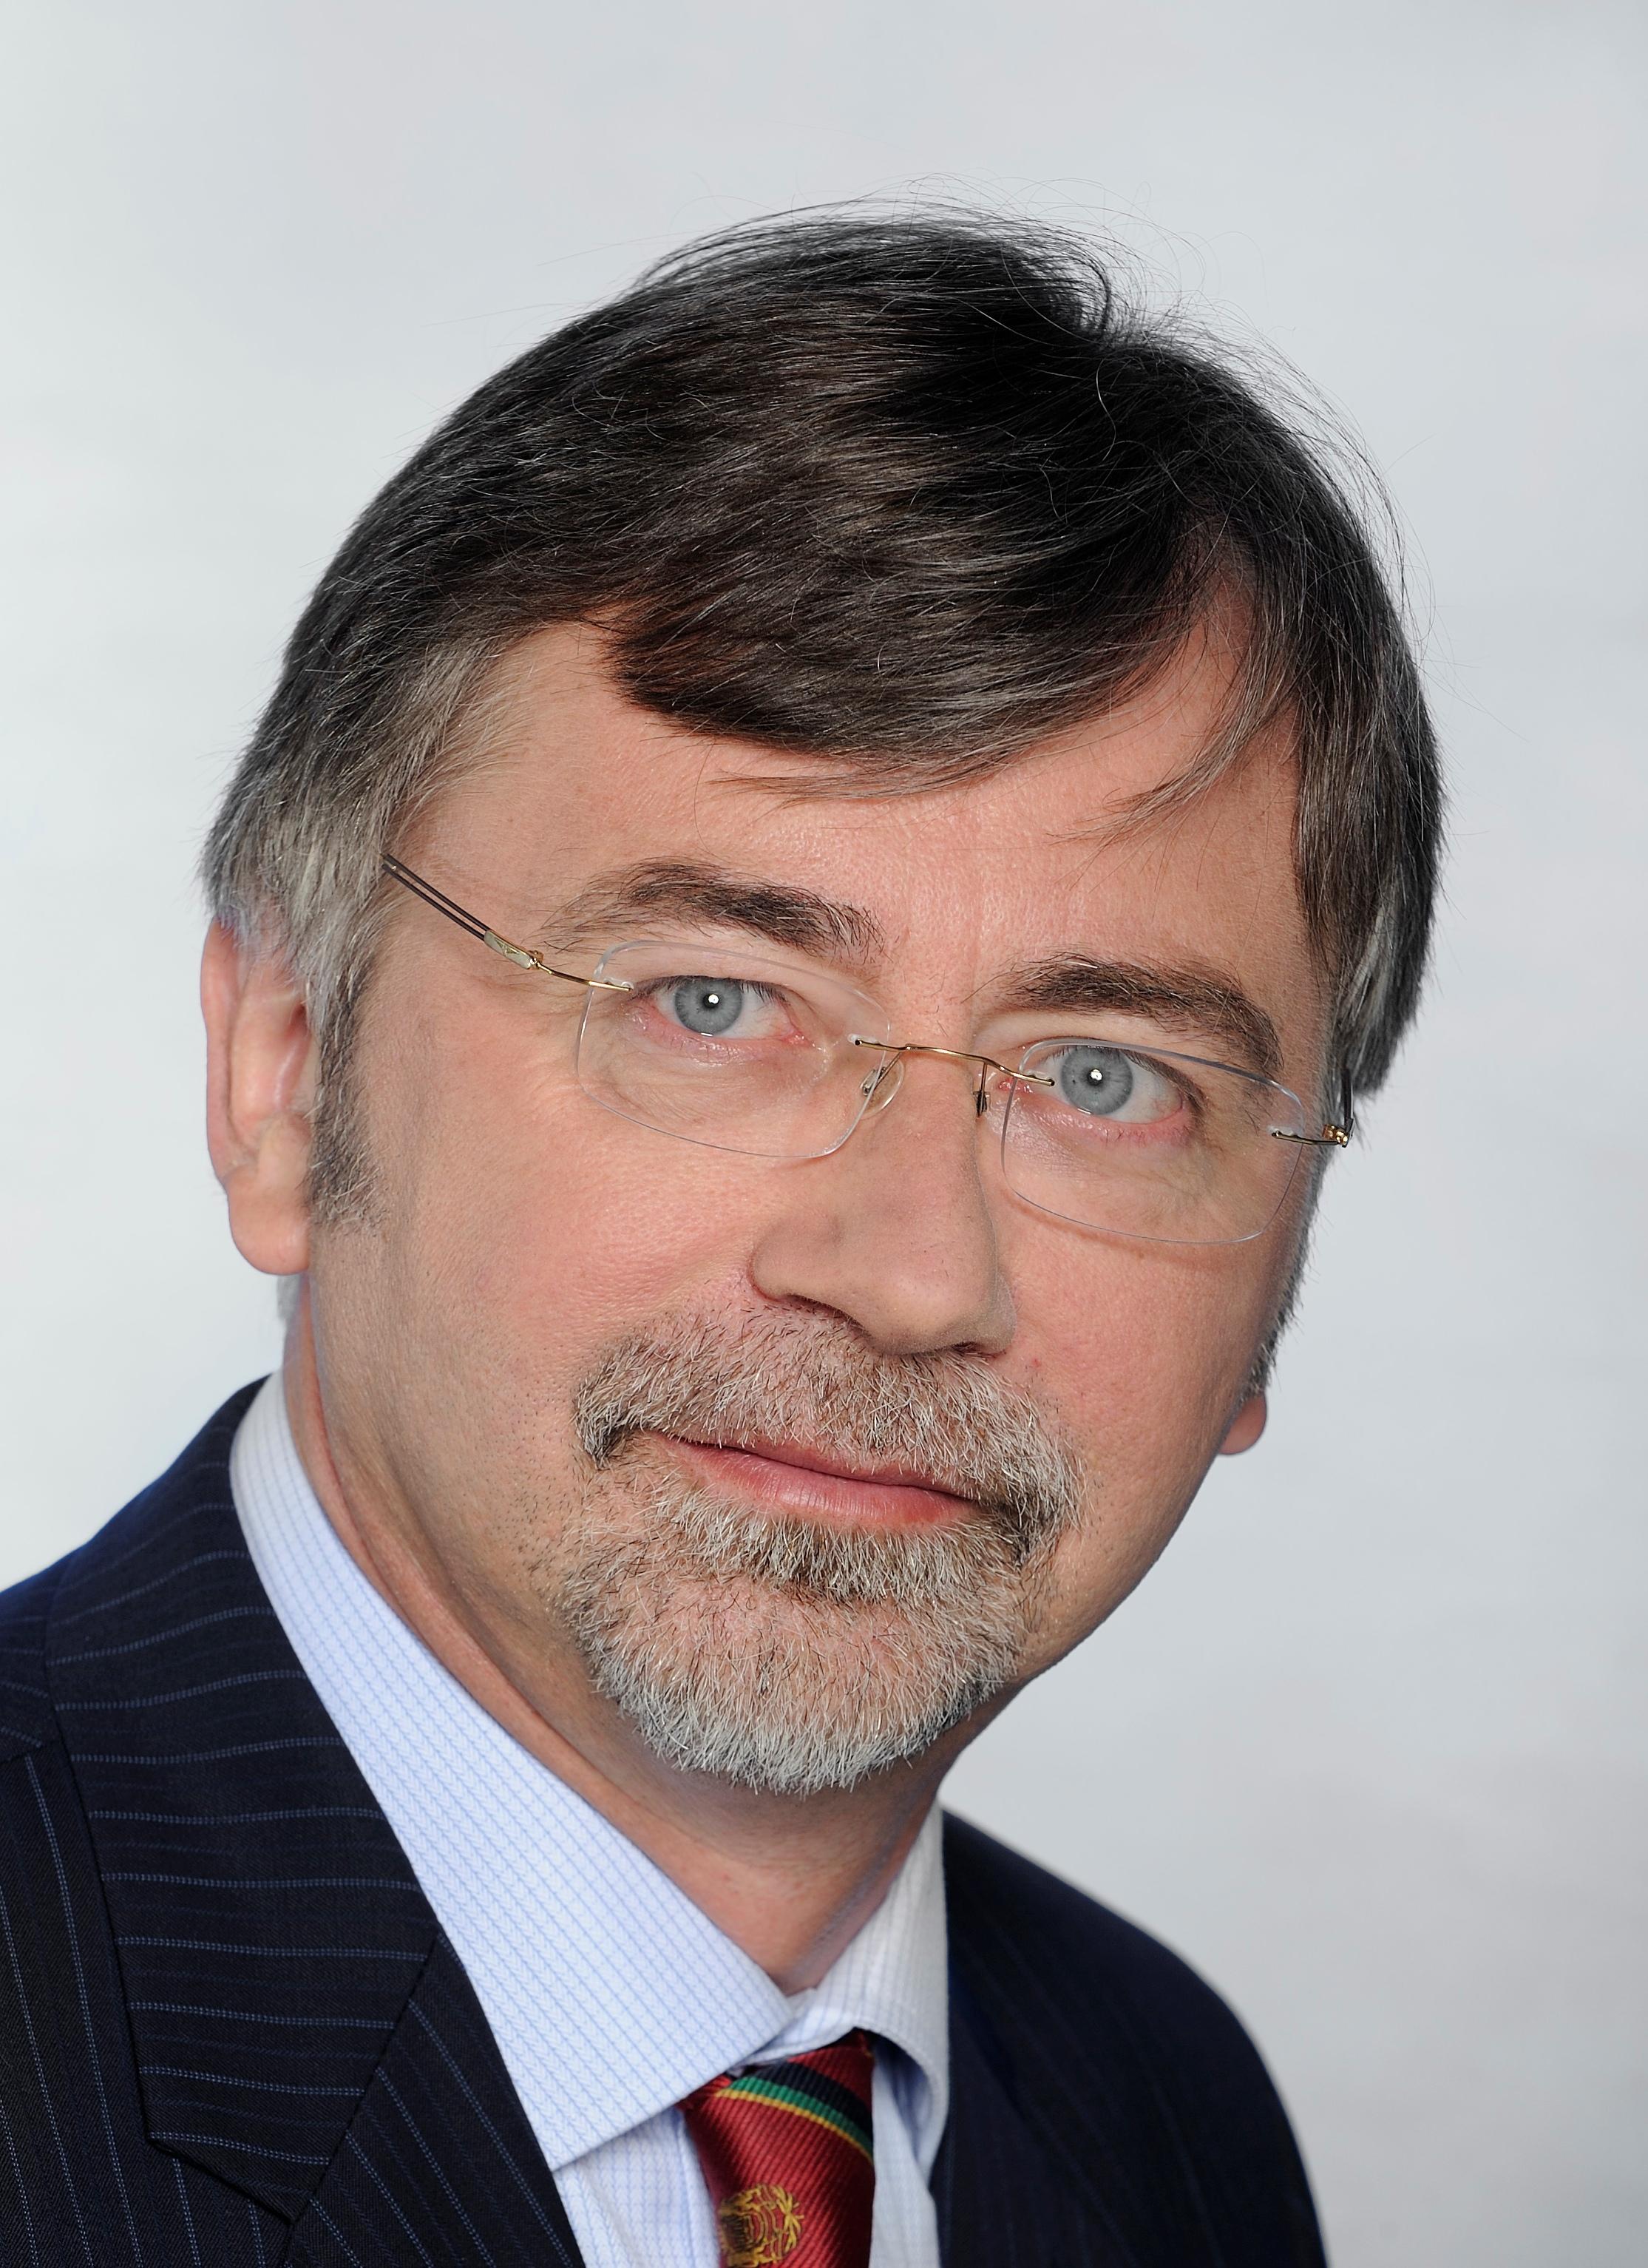 Piotr Nowaczyk